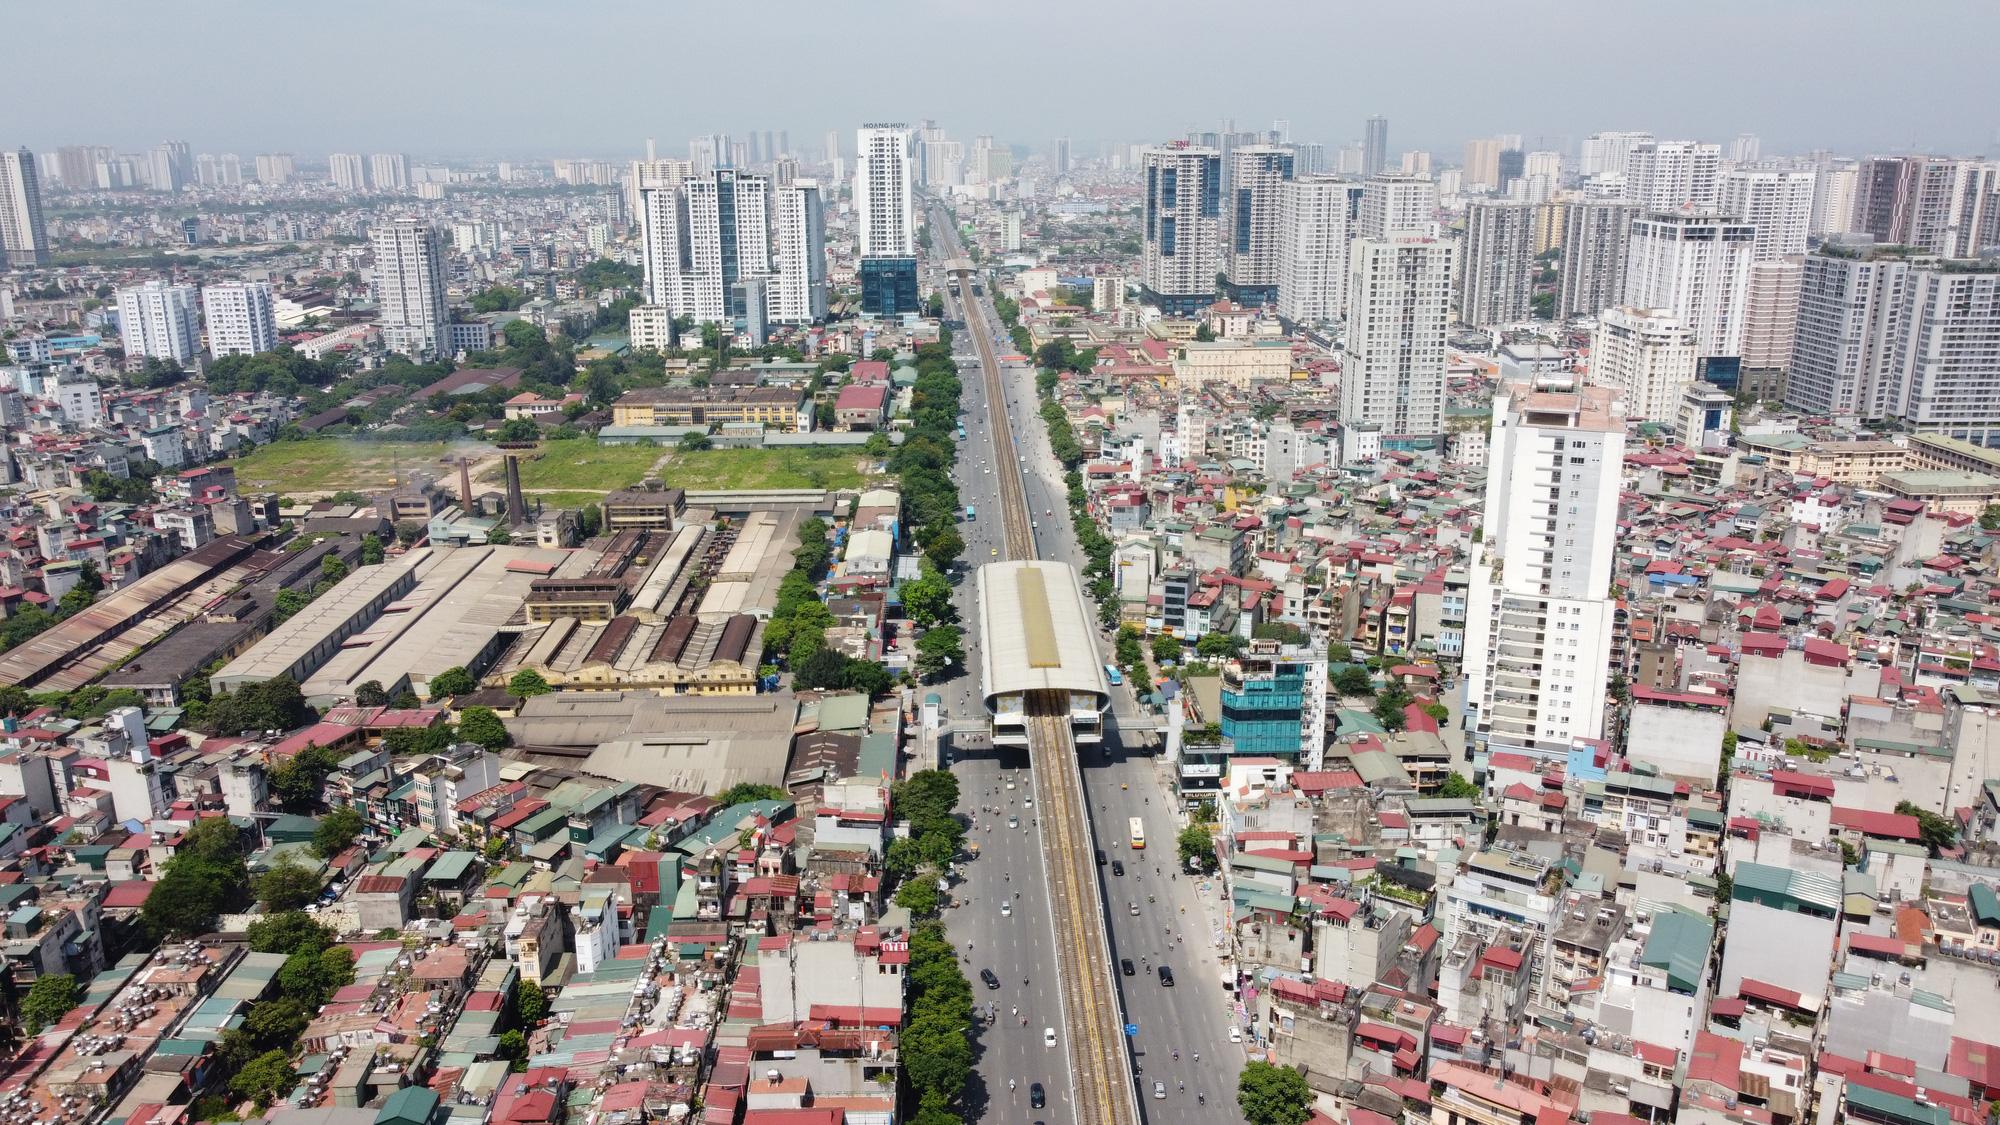 Loạt dự án giao thông được ưu tiên trong kế hoạch phát triển cơ sở hạ tầng 119 tỷ USD của Việt Nam - Ảnh 1.